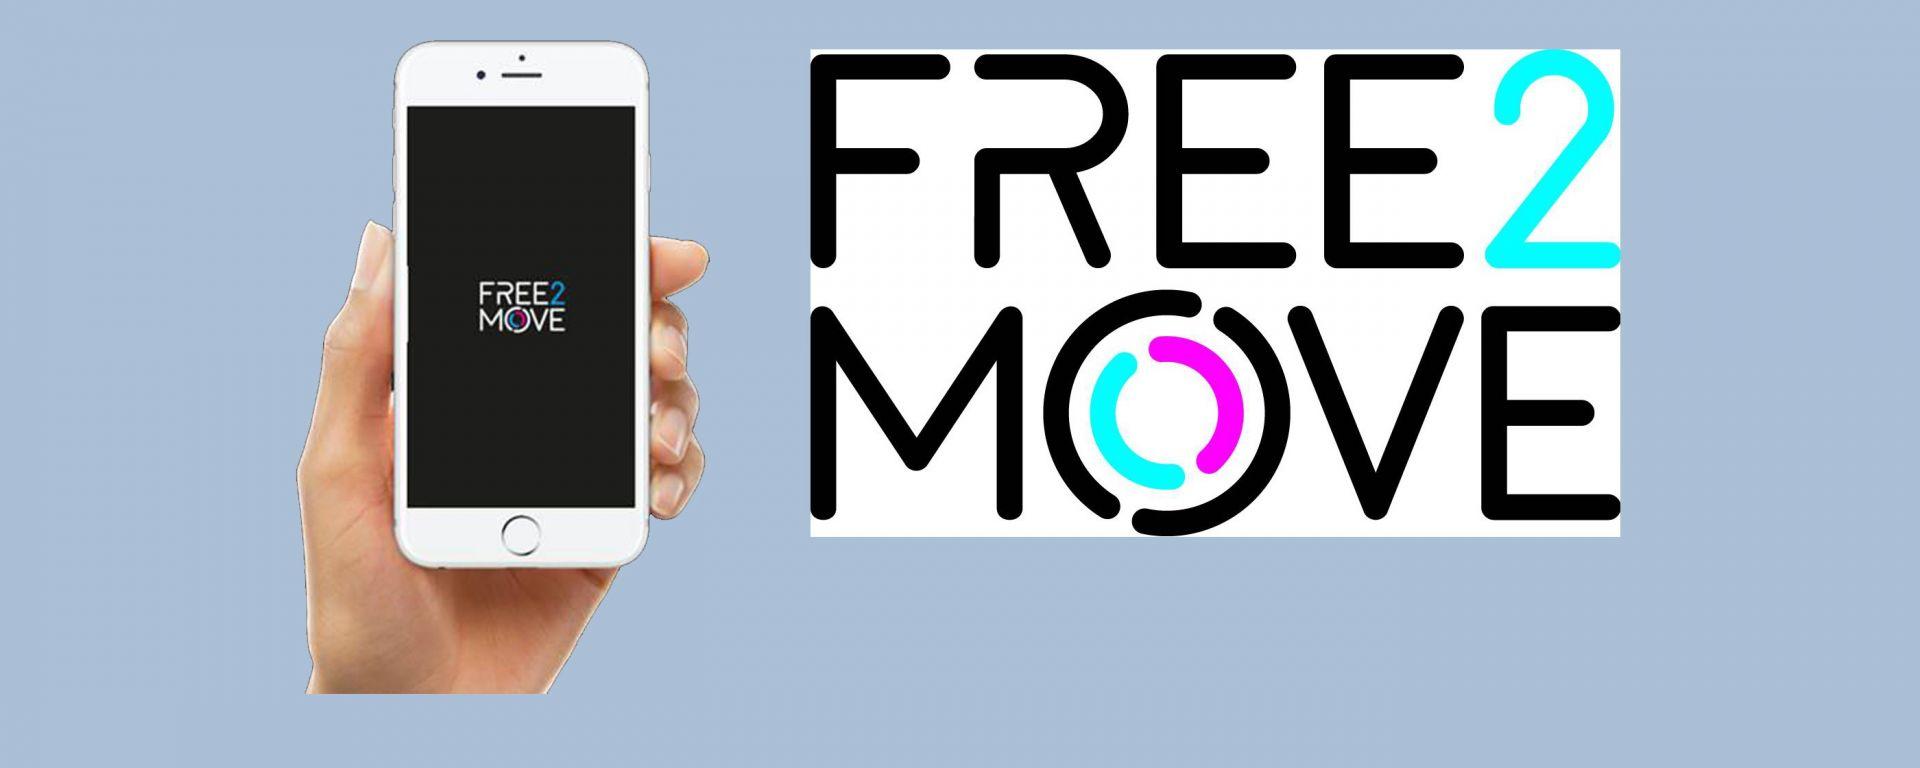 PSA lancia Free2Move, l'app per gestire numerosi servizi di car sharing